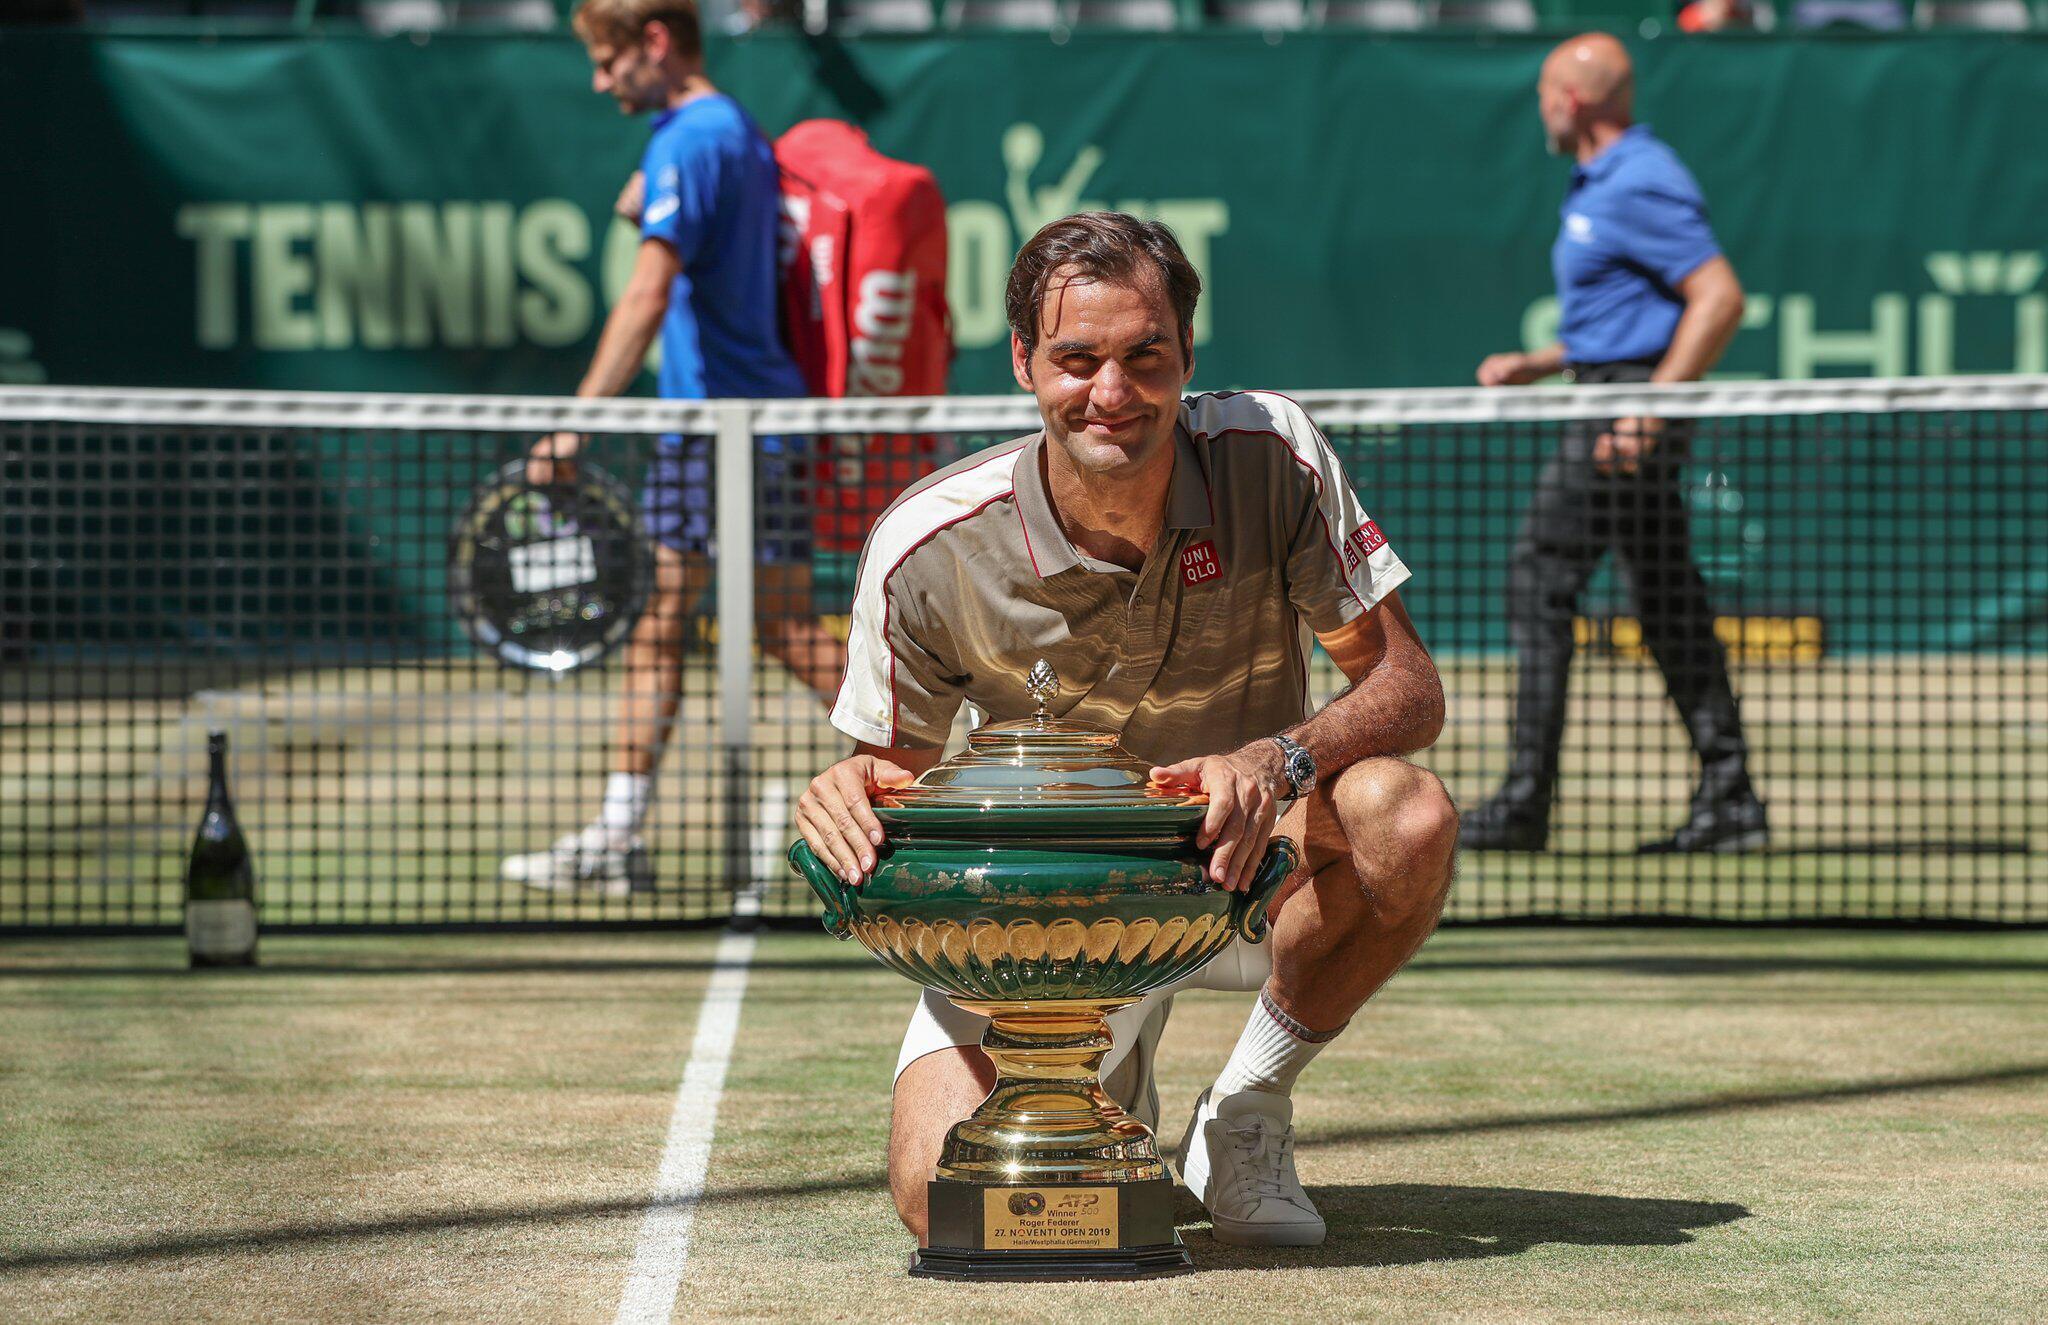 Bild zu ATP tournament in Halle